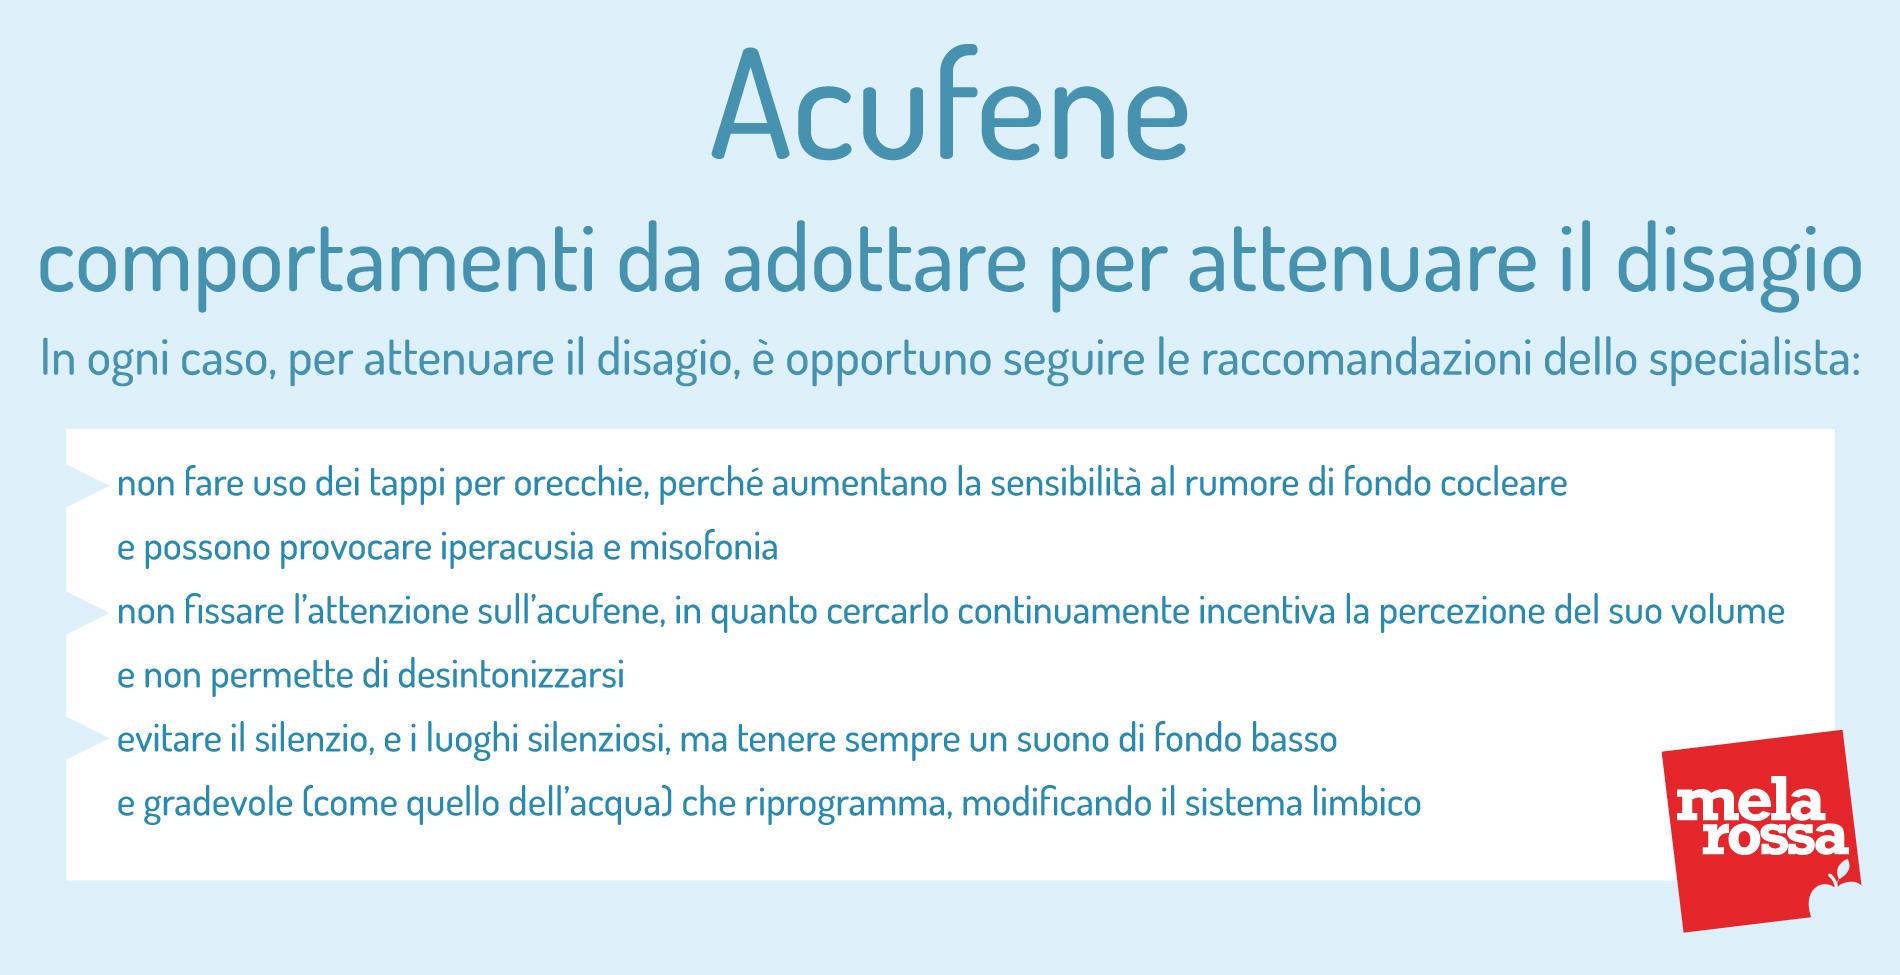 Acufene: comportamenti da adottare